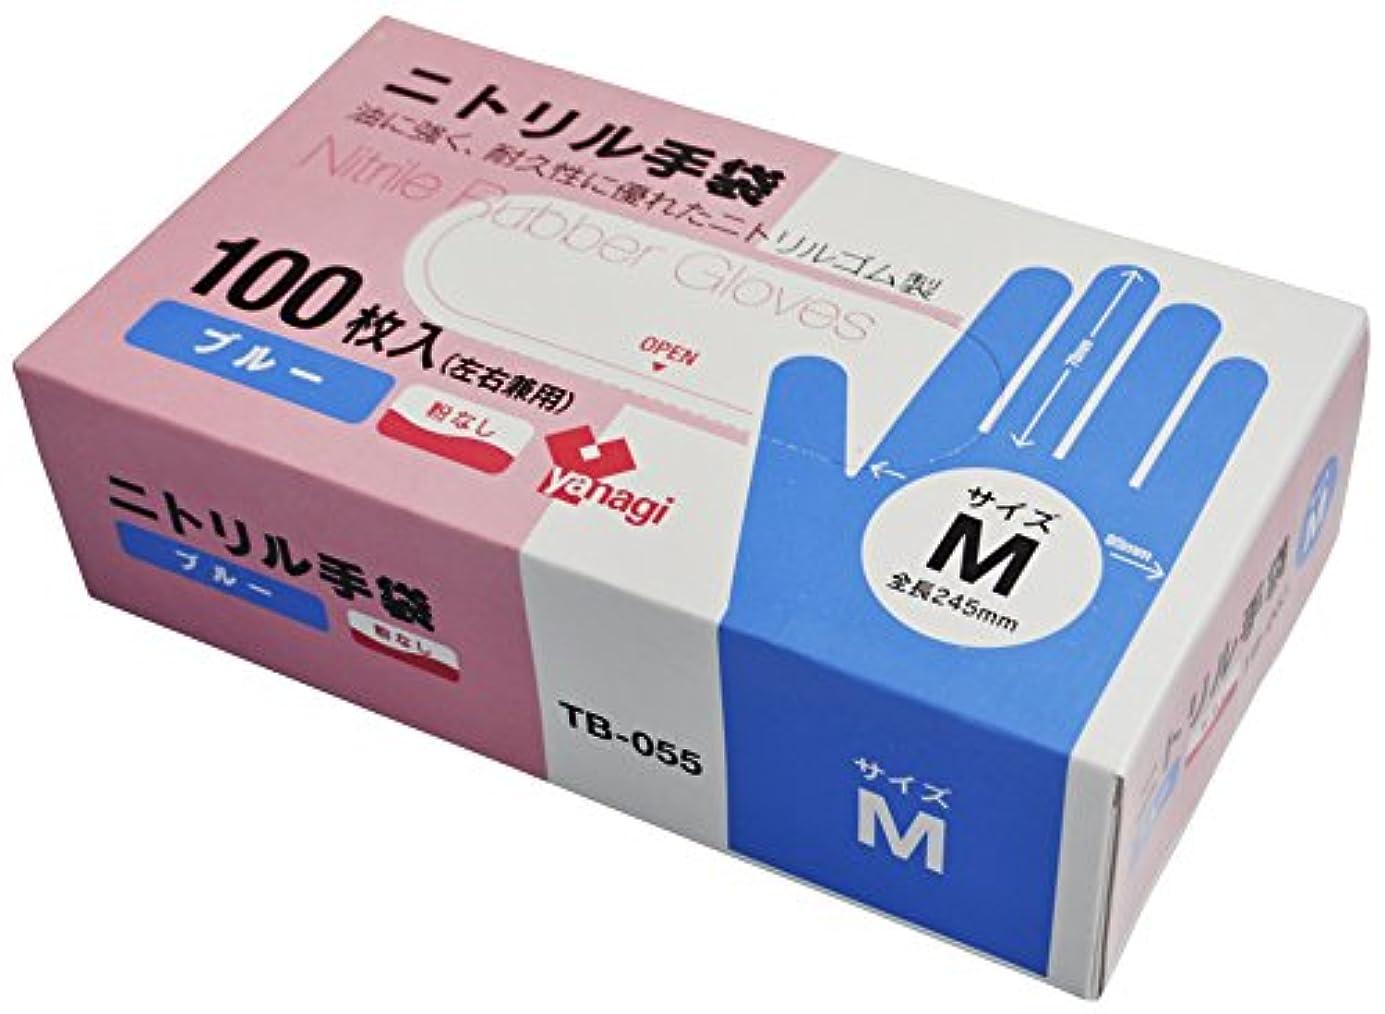 部族ロッカー警戒使い捨て ニトリル製手袋 ブルー 左右兼用 Mサイズ 100枚入 粉なし 食品衛生法規格基準適合品 TB-055